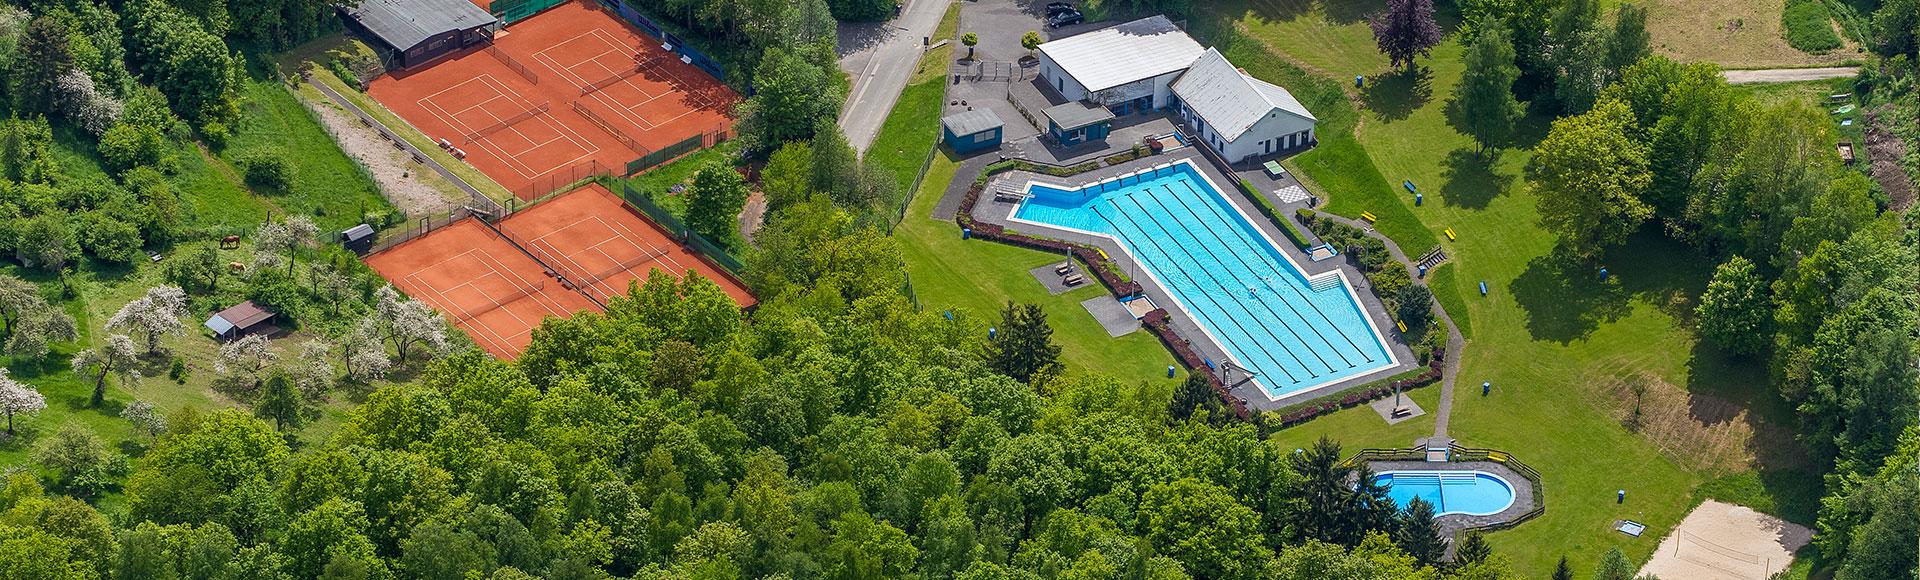 Freudenberg Schwimmen